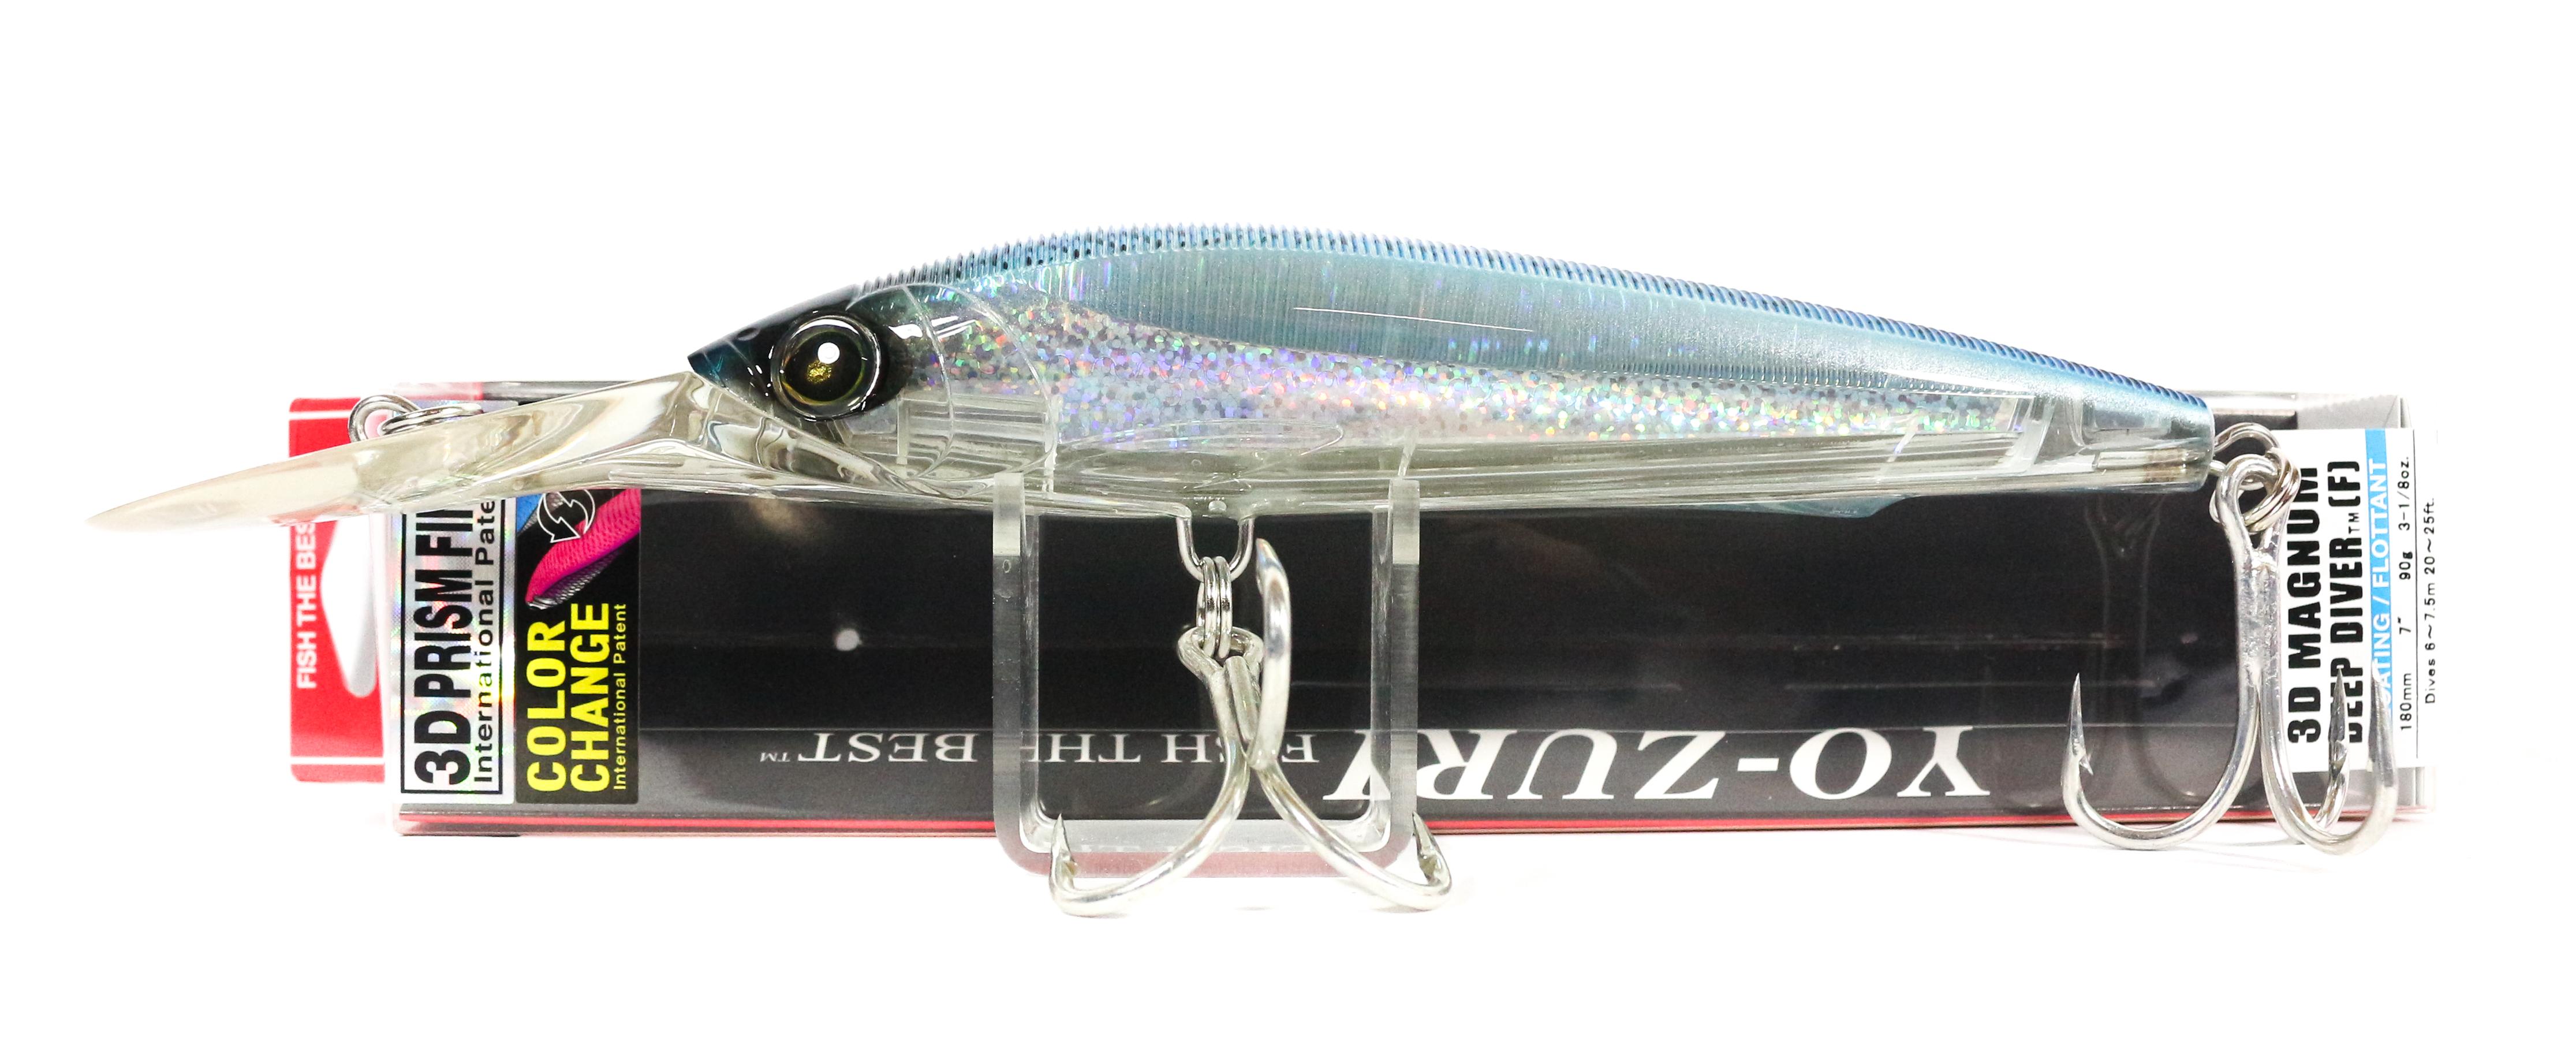 Yo Zuri 3D Magnum DD 180 mm Trolling Floating Lure R1165-CPBM (5289)